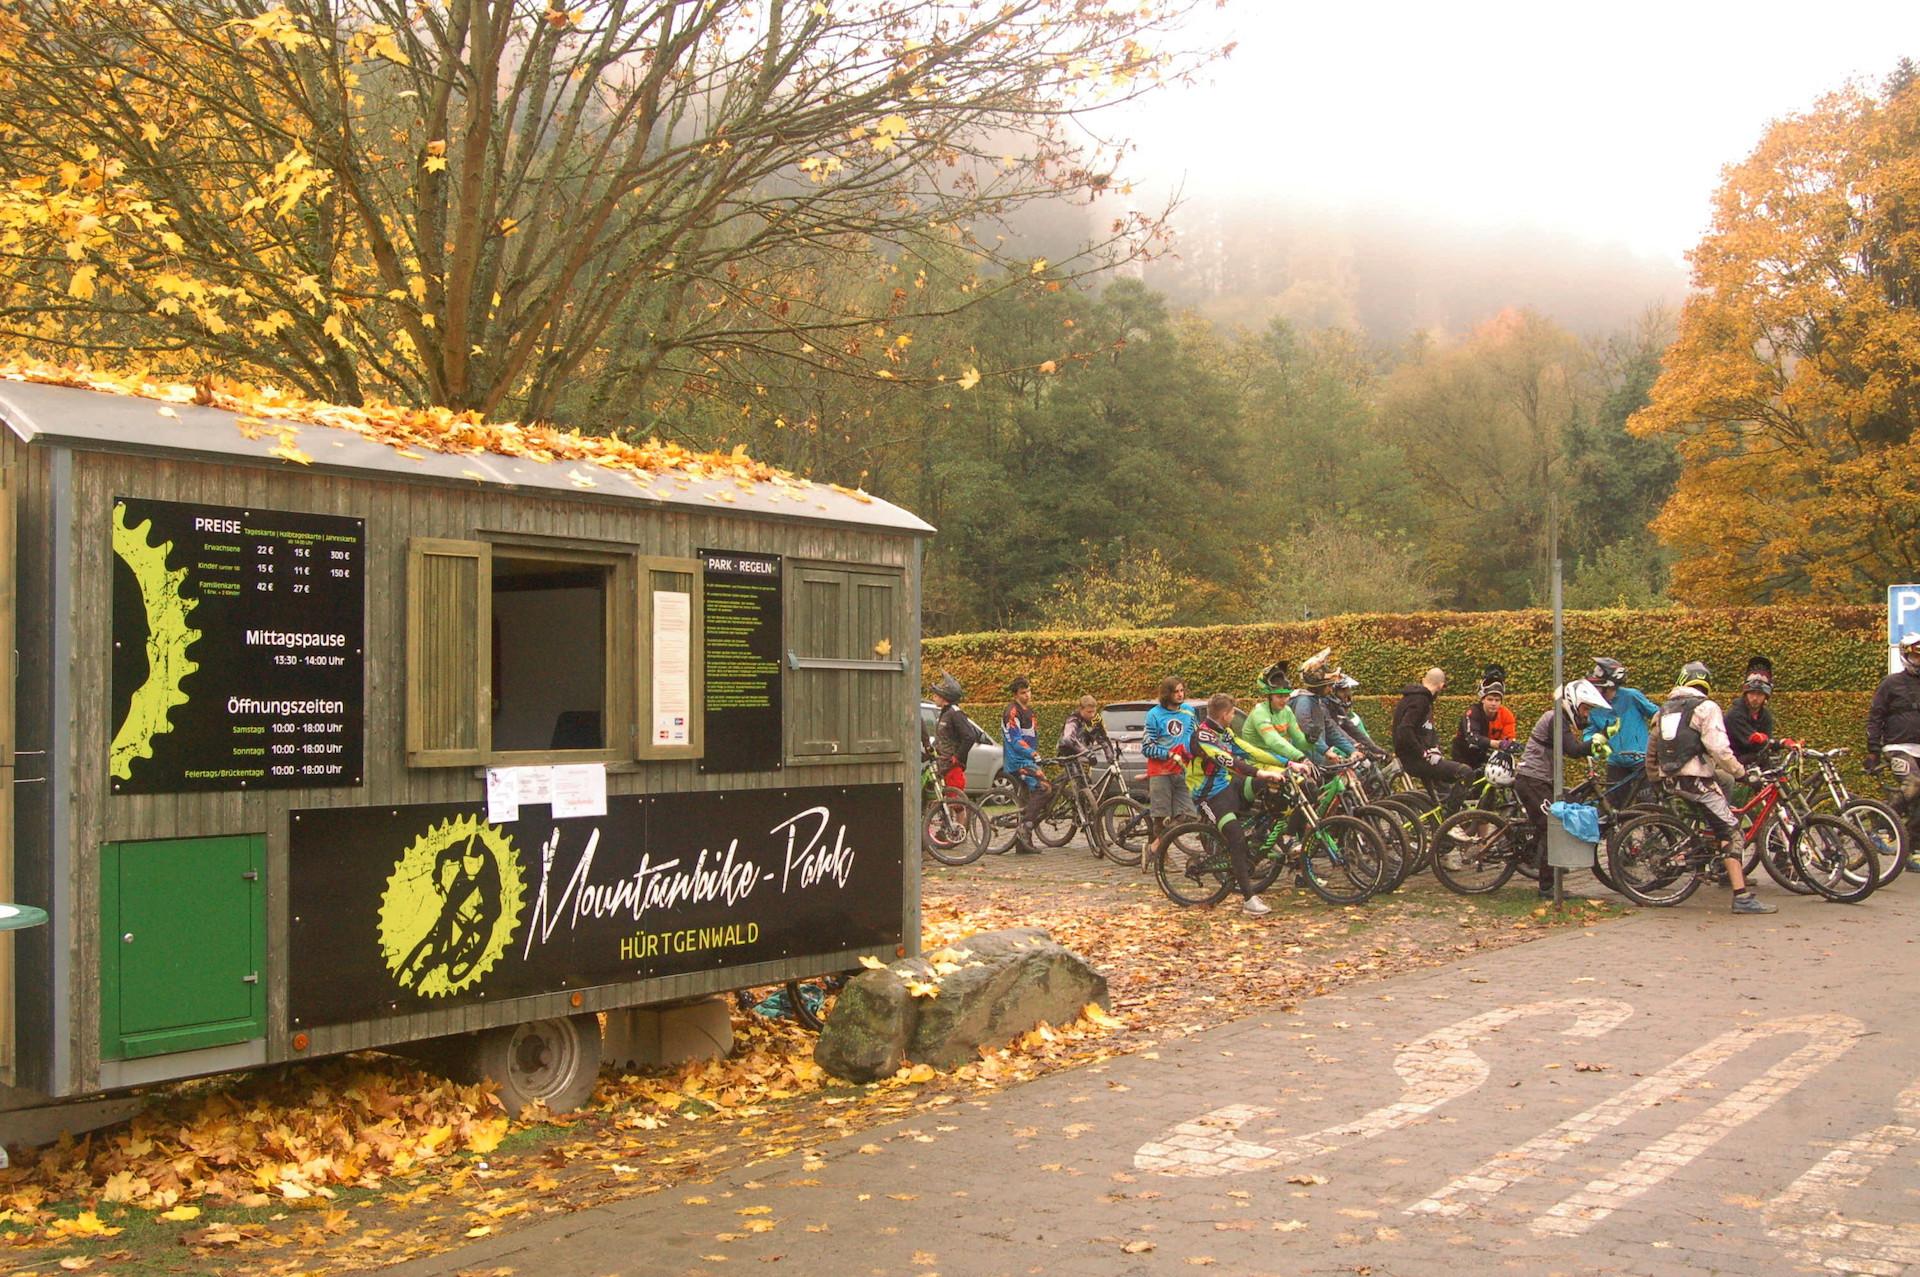 Bikestation in Hürtgenwald